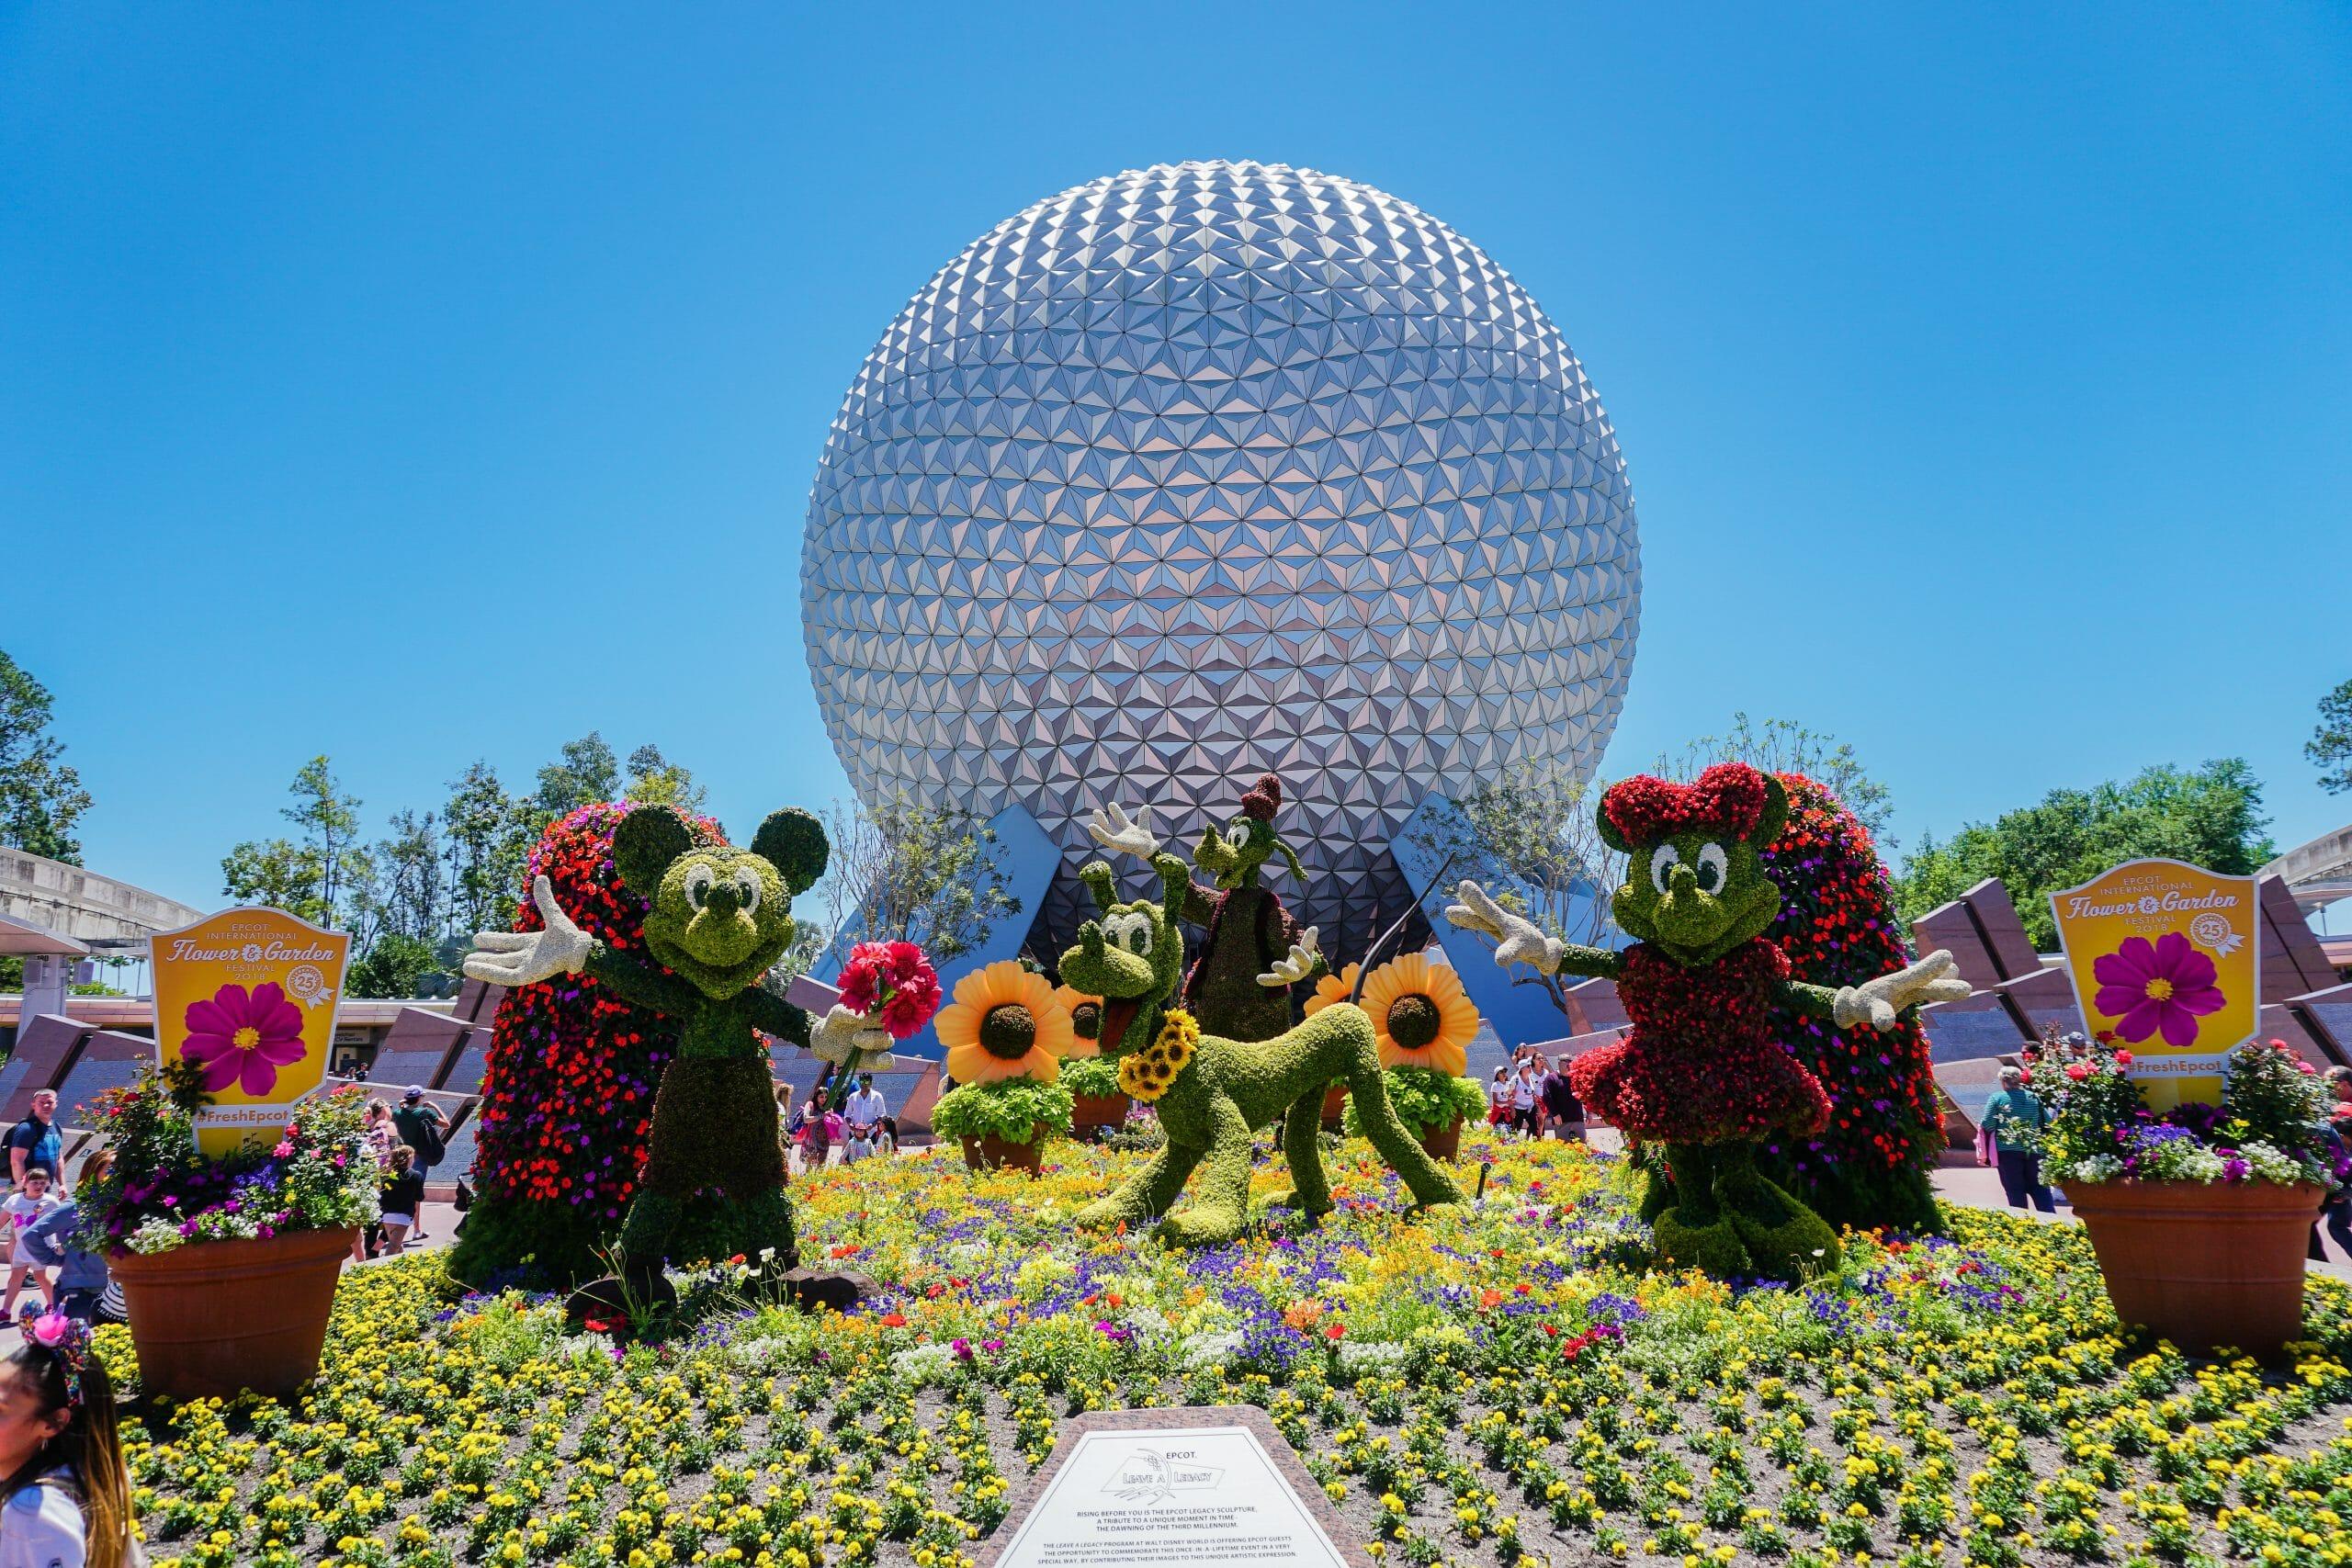 Foto das topiárias do Mickey e da Minnie durante o Flower & Garden, com a Spaceship Earth ao fundo